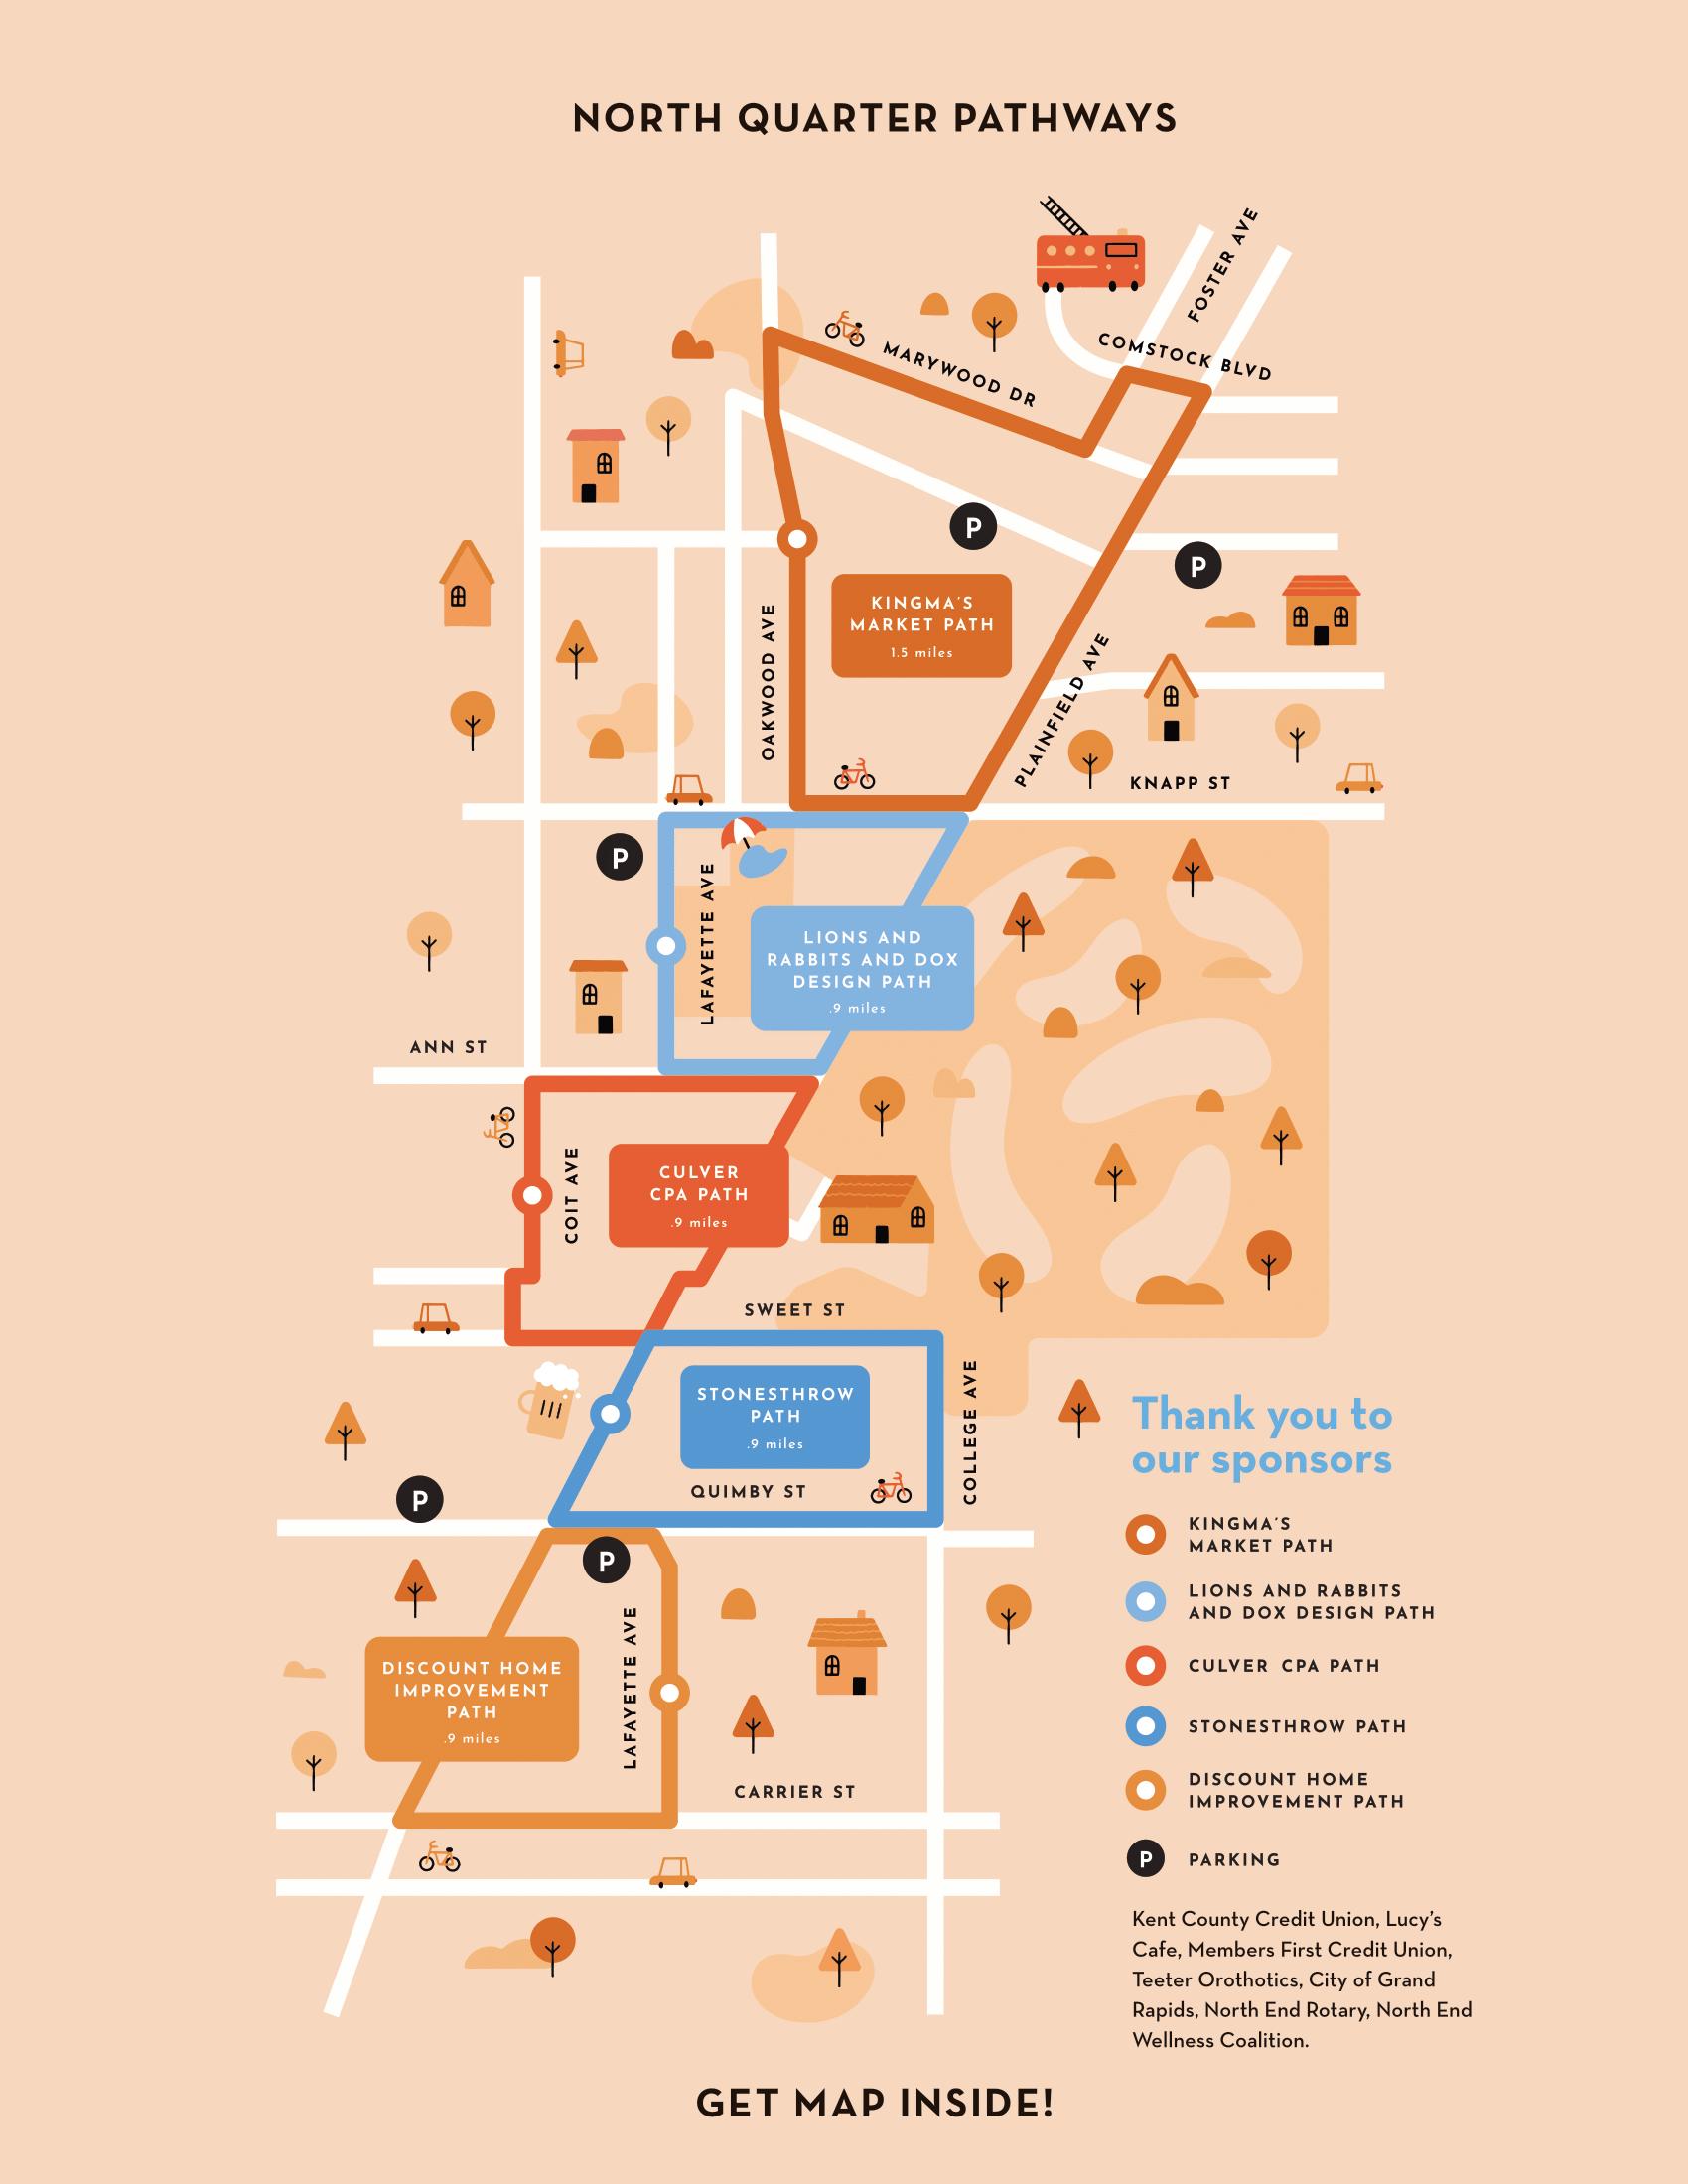 North Quarter Pathways